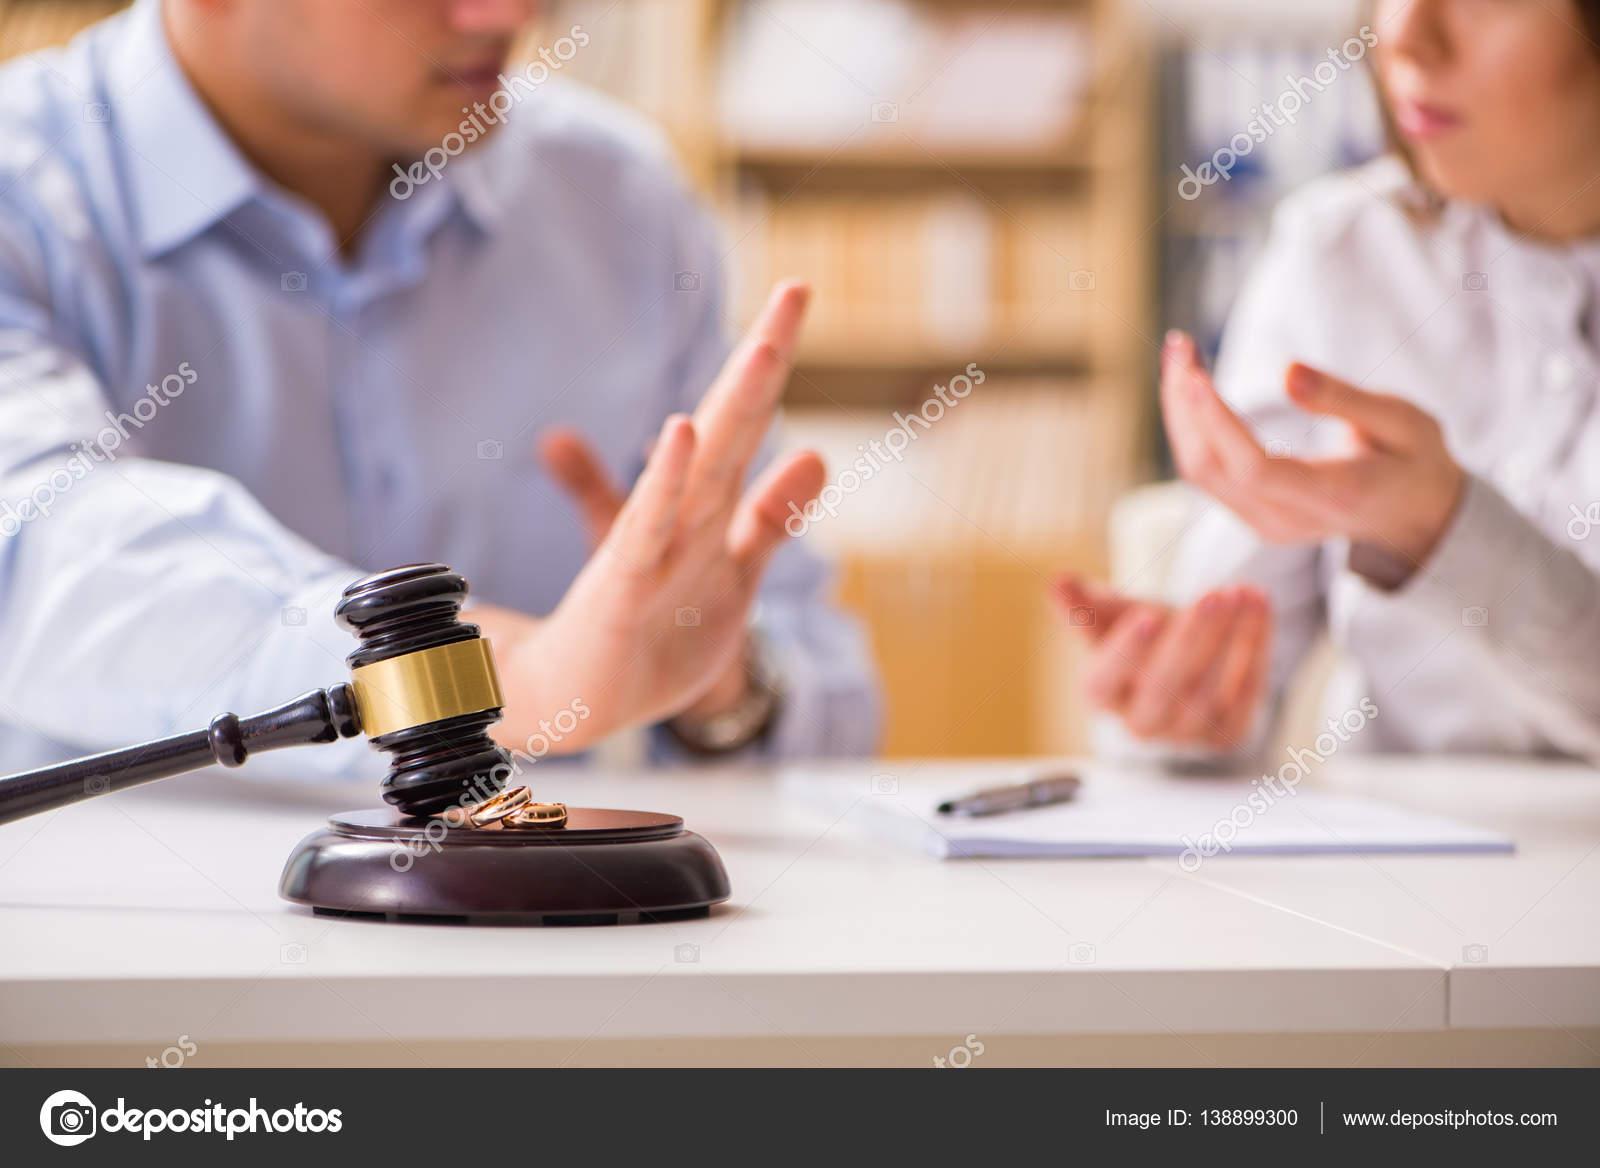 Martelo de juiz, decidindo sobre o divórcio de casamento — fotos de bancos de imagens